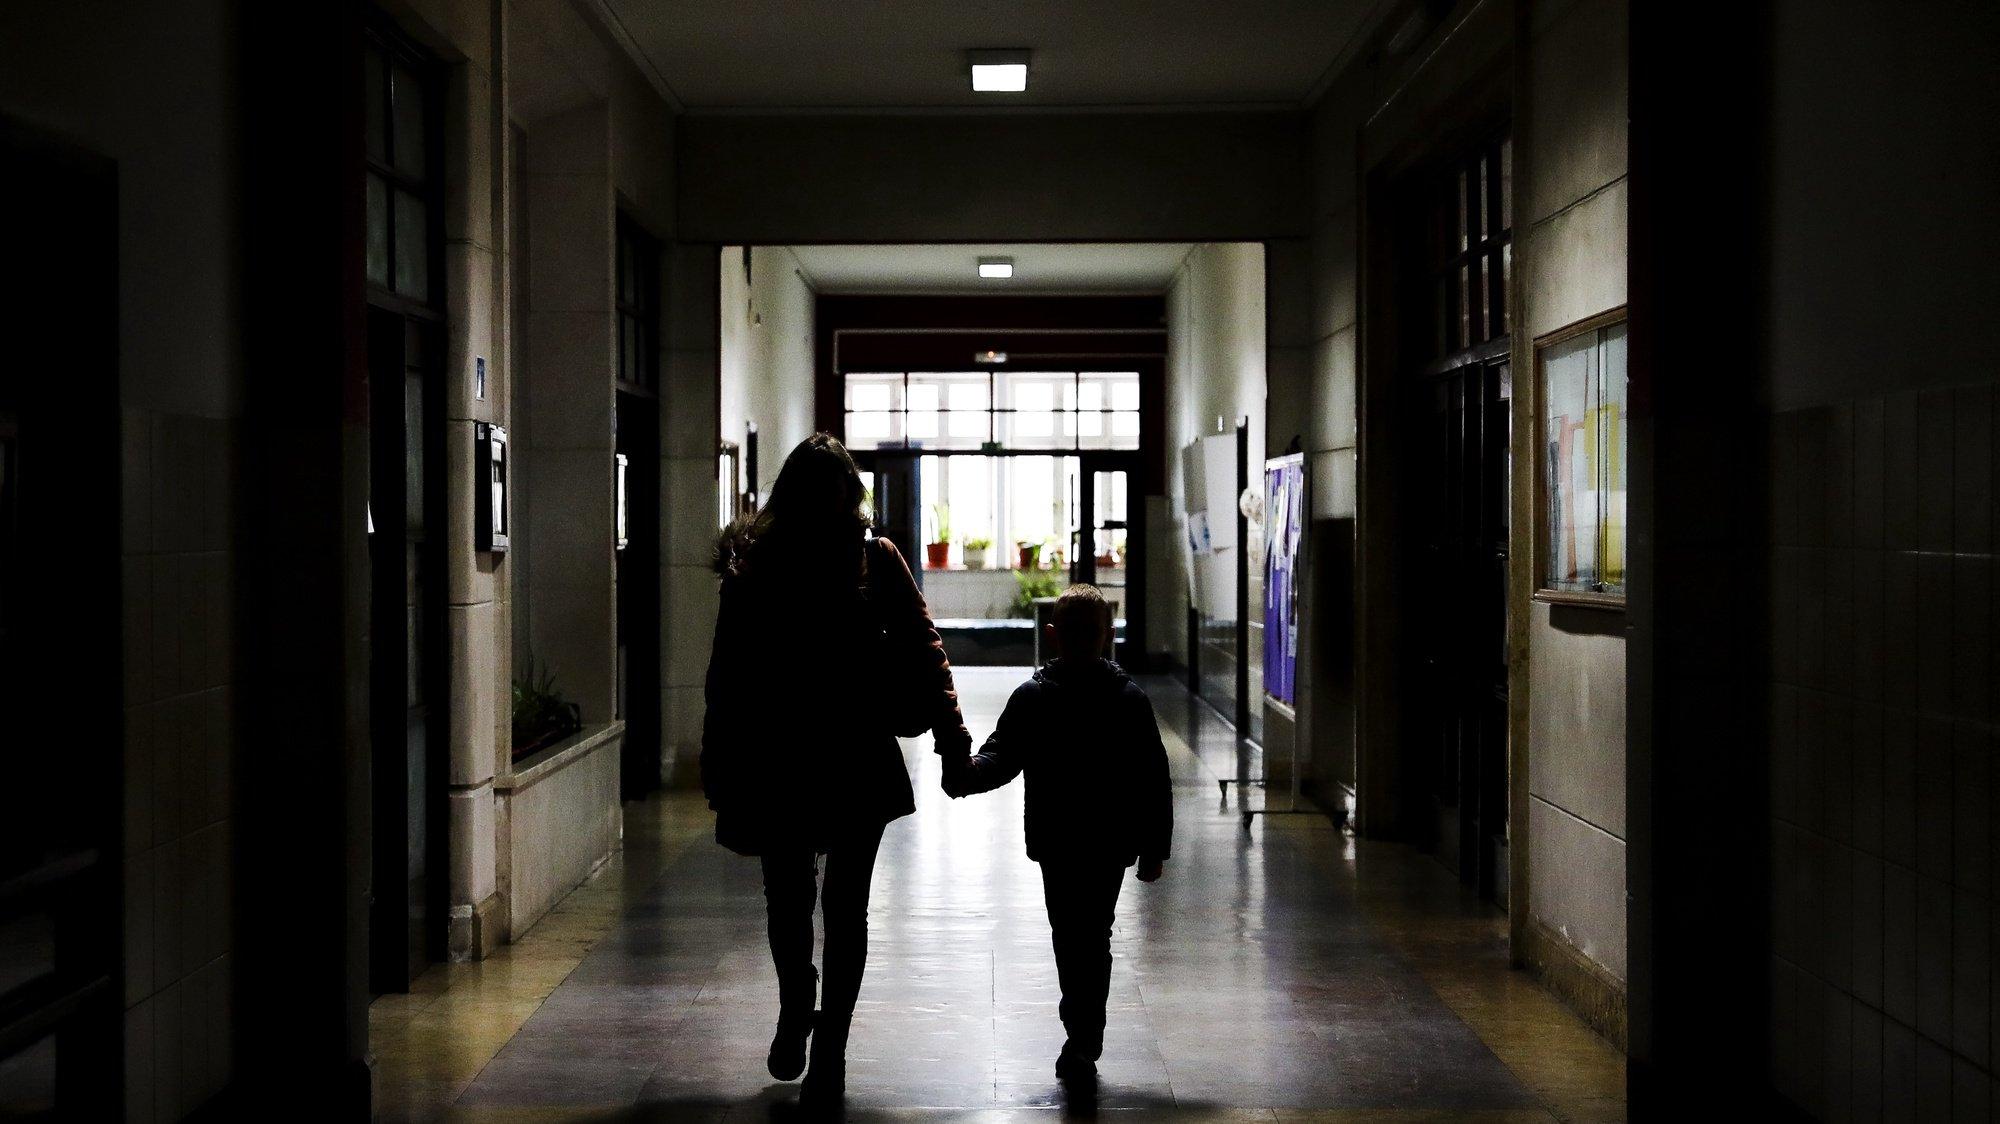 Natalia Kozak (E) mãe de Taras (D), um menino de 6 anos chega à Escola Básica (EB) Nuno Gonçalves, Lisboa, 6 de abril de 2020.  A EB Nuno Gonçalves é uma das cerca de 800 escolas que, ao abrigo do decreto do governo, se mantiveram a funcionar para os pais que, em situações especiais, necessitam de um estabelecimento onde deixar os filhos. A medida foi pensada sobretudo para as famílias mais carenciadas e para os filhos dos profissionais da área hospitalar e de emergência, como médicos, enfermeiros ou polícias. ( ACOMPANHA TEXTO DO DIA 8 DE ABRIL DE 2020). JOÃO RELVAS/LUSA